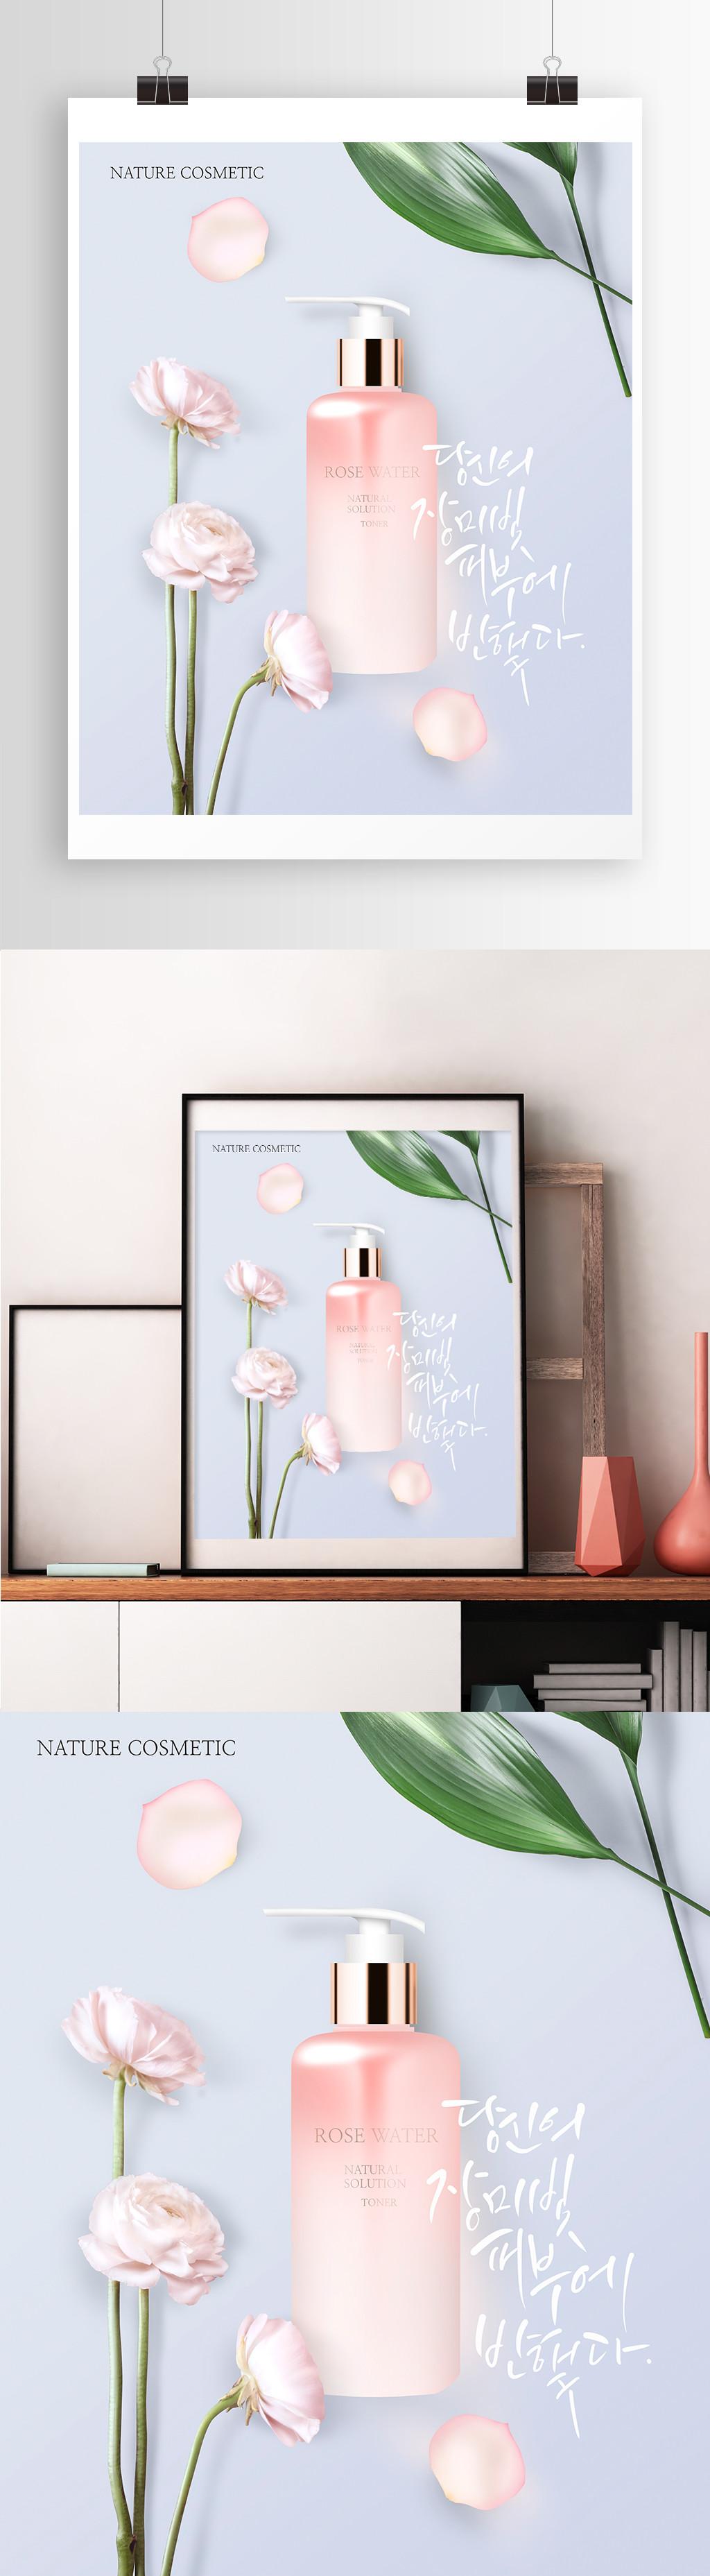 高端化妆品海报PSD模板